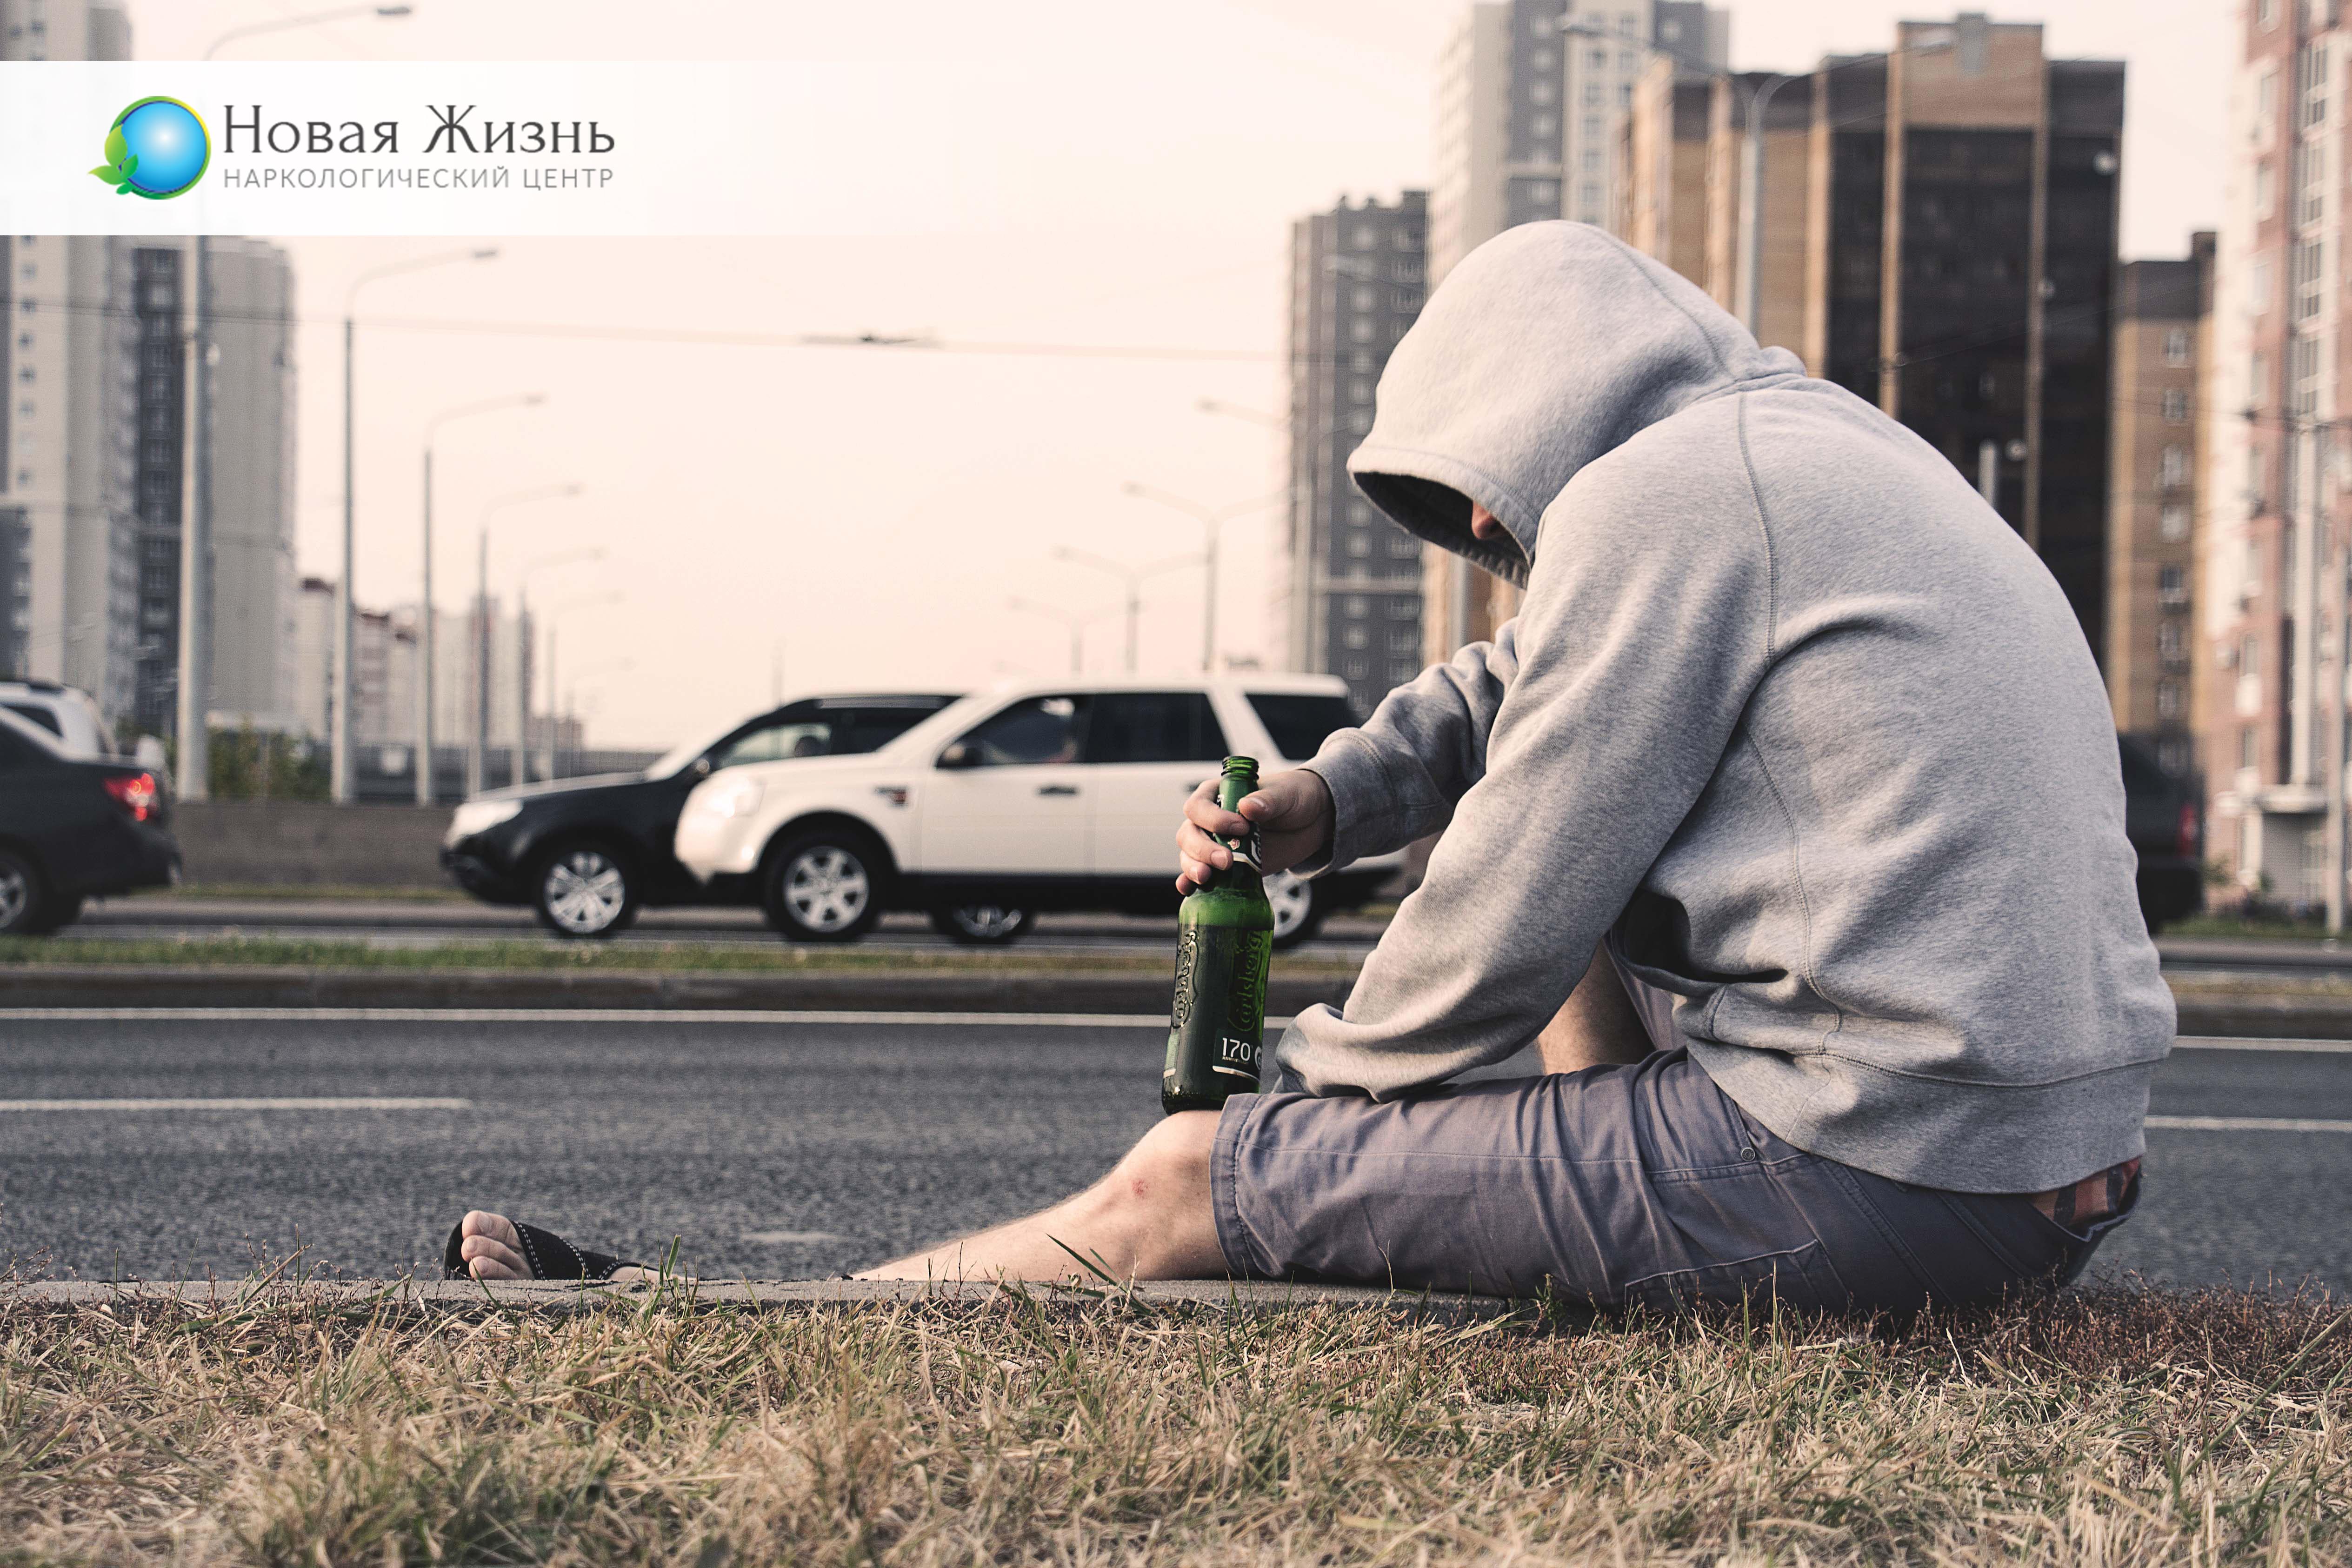 Чи можливо лікувати алкоголізм примусово?